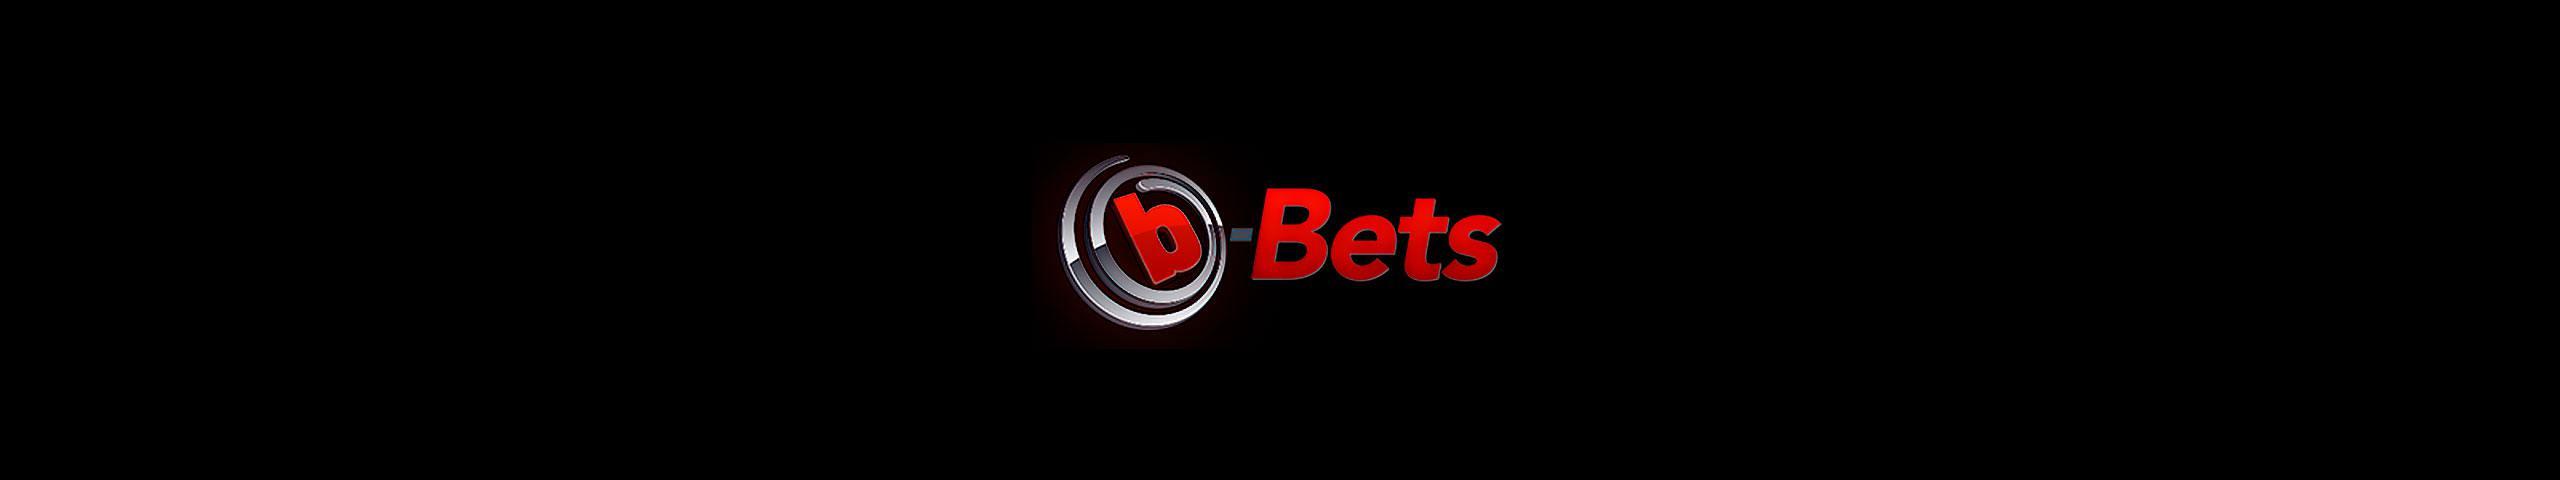 B-bets online casino slider wyrmspell